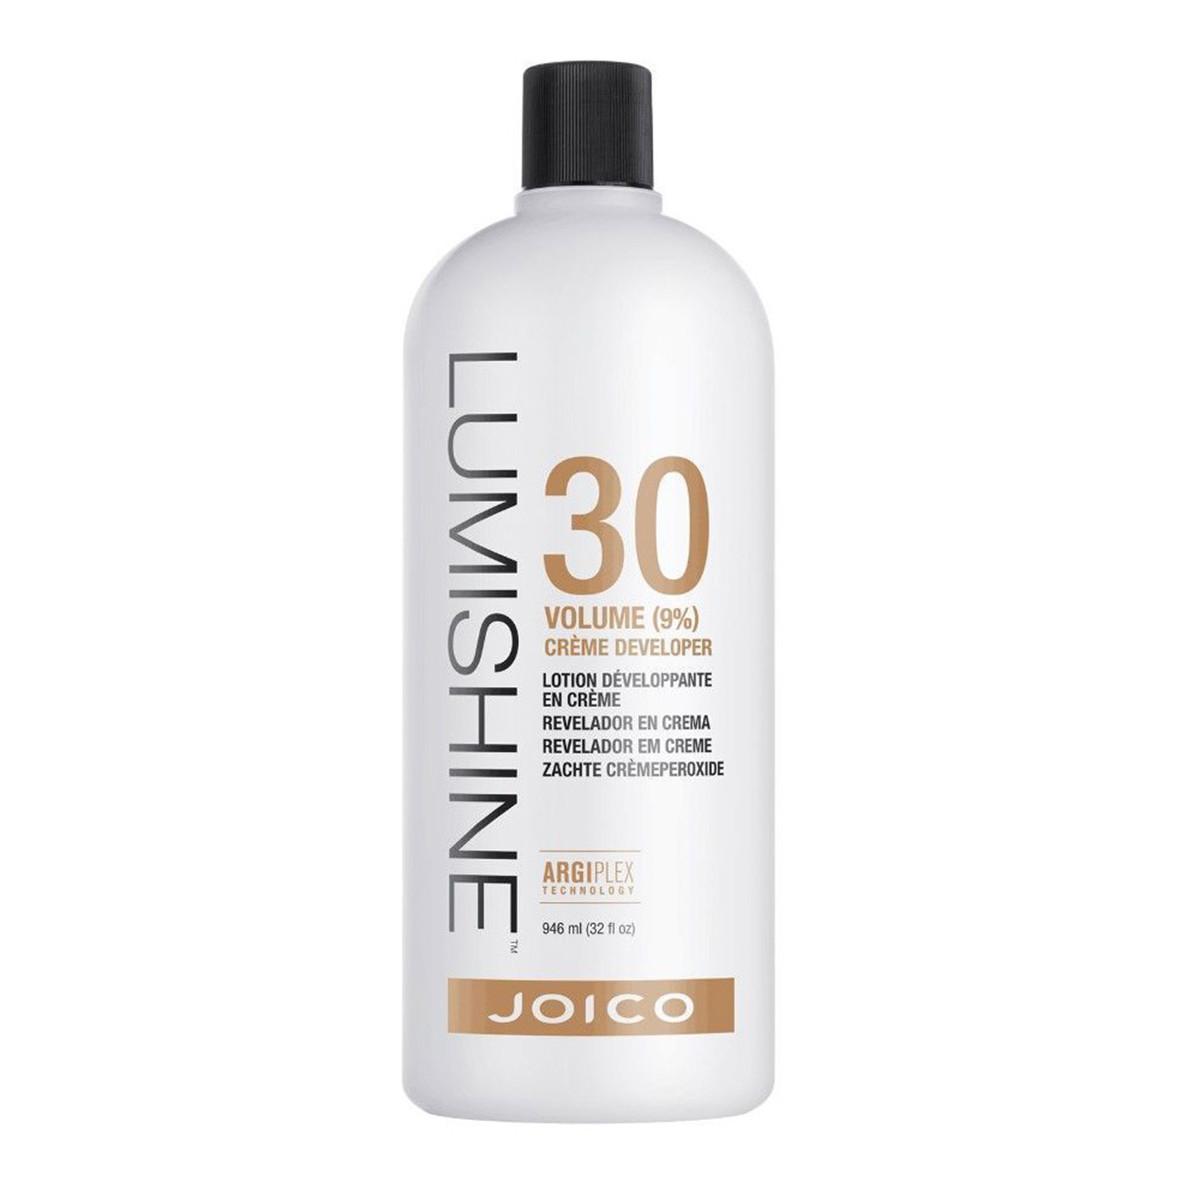 Крем-окислитель 9% Joico LumiShine Creme Developer 30 Volume 950 мл